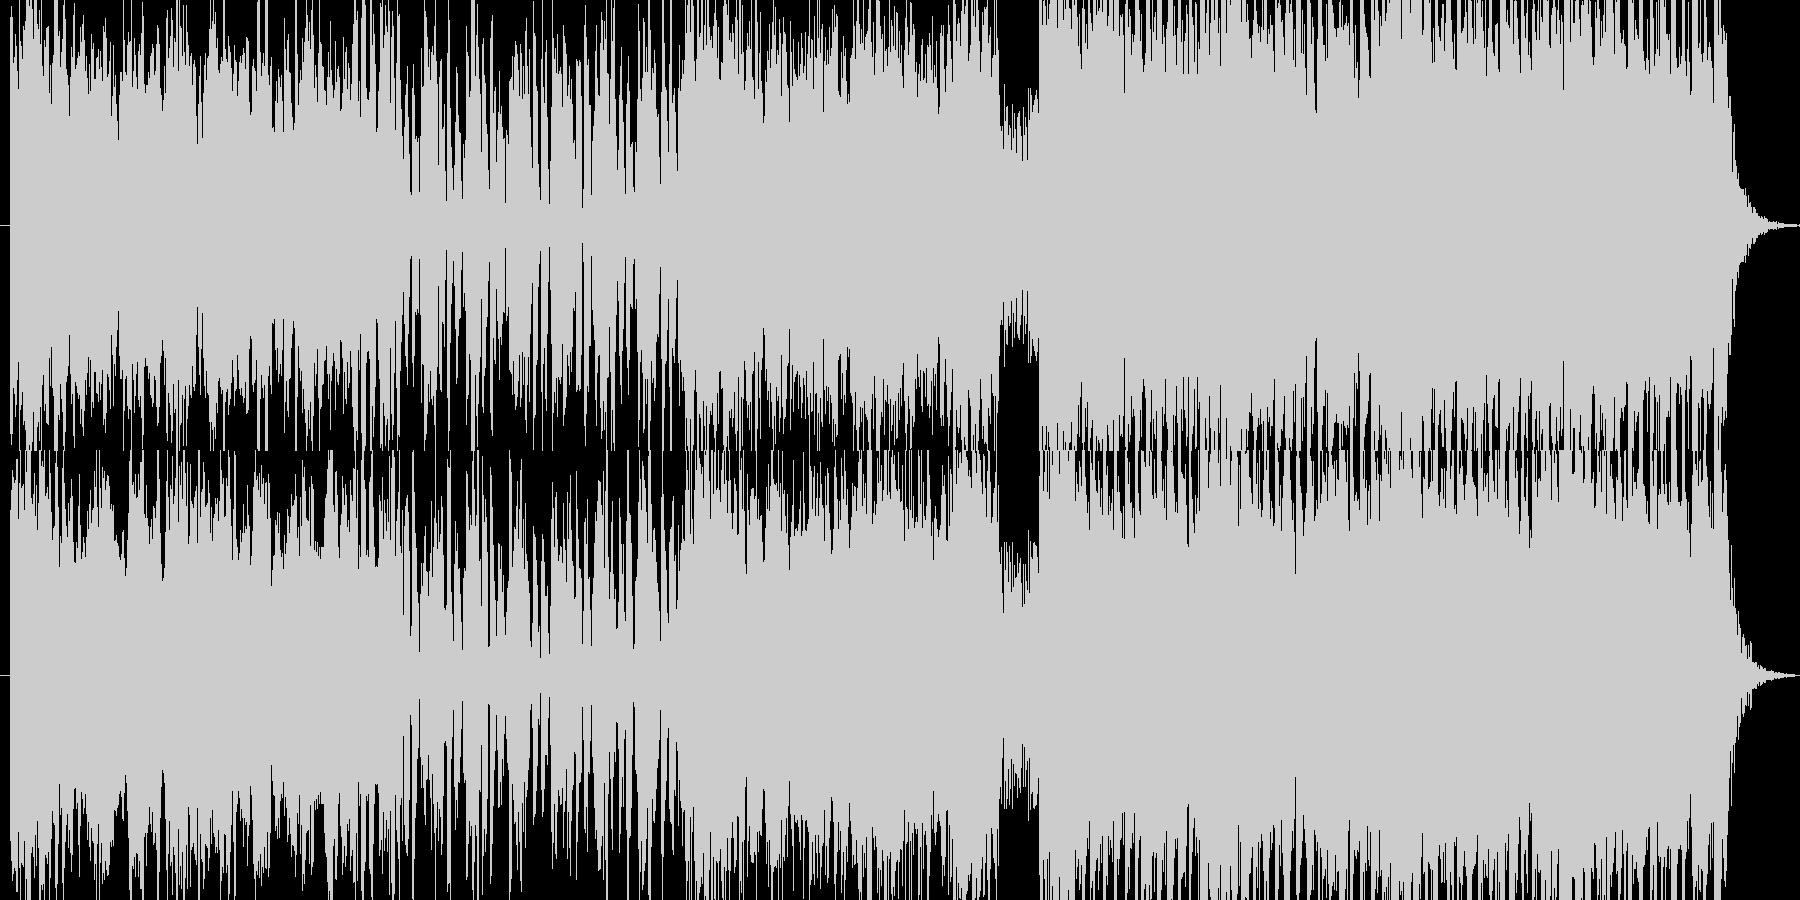 緩急のある爽やか系EDMの未再生の波形